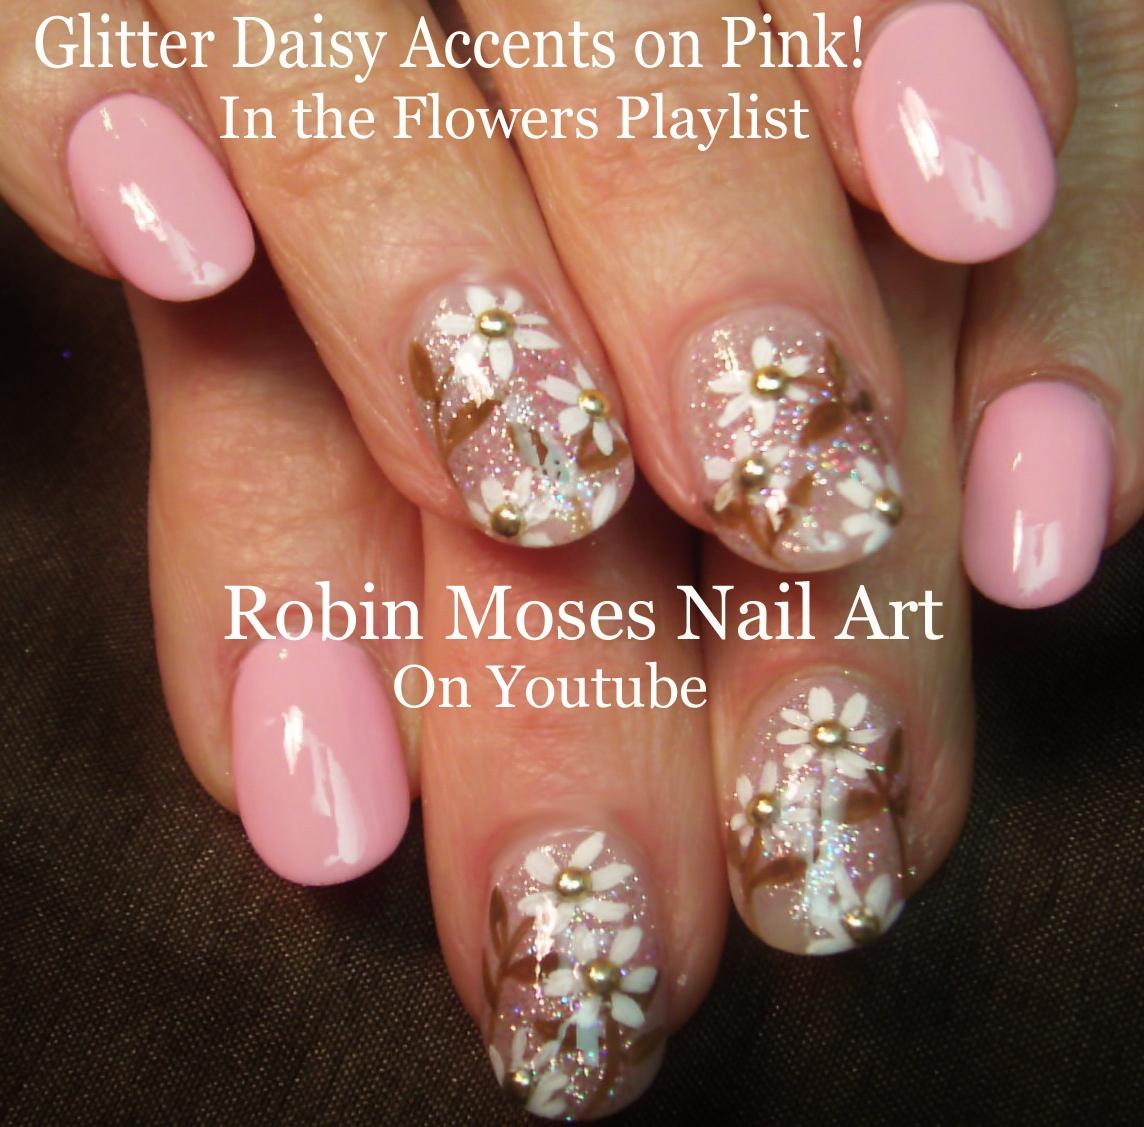 Robin Moses Nail Art: Daisy Nail Art on Navy Blue Tips!